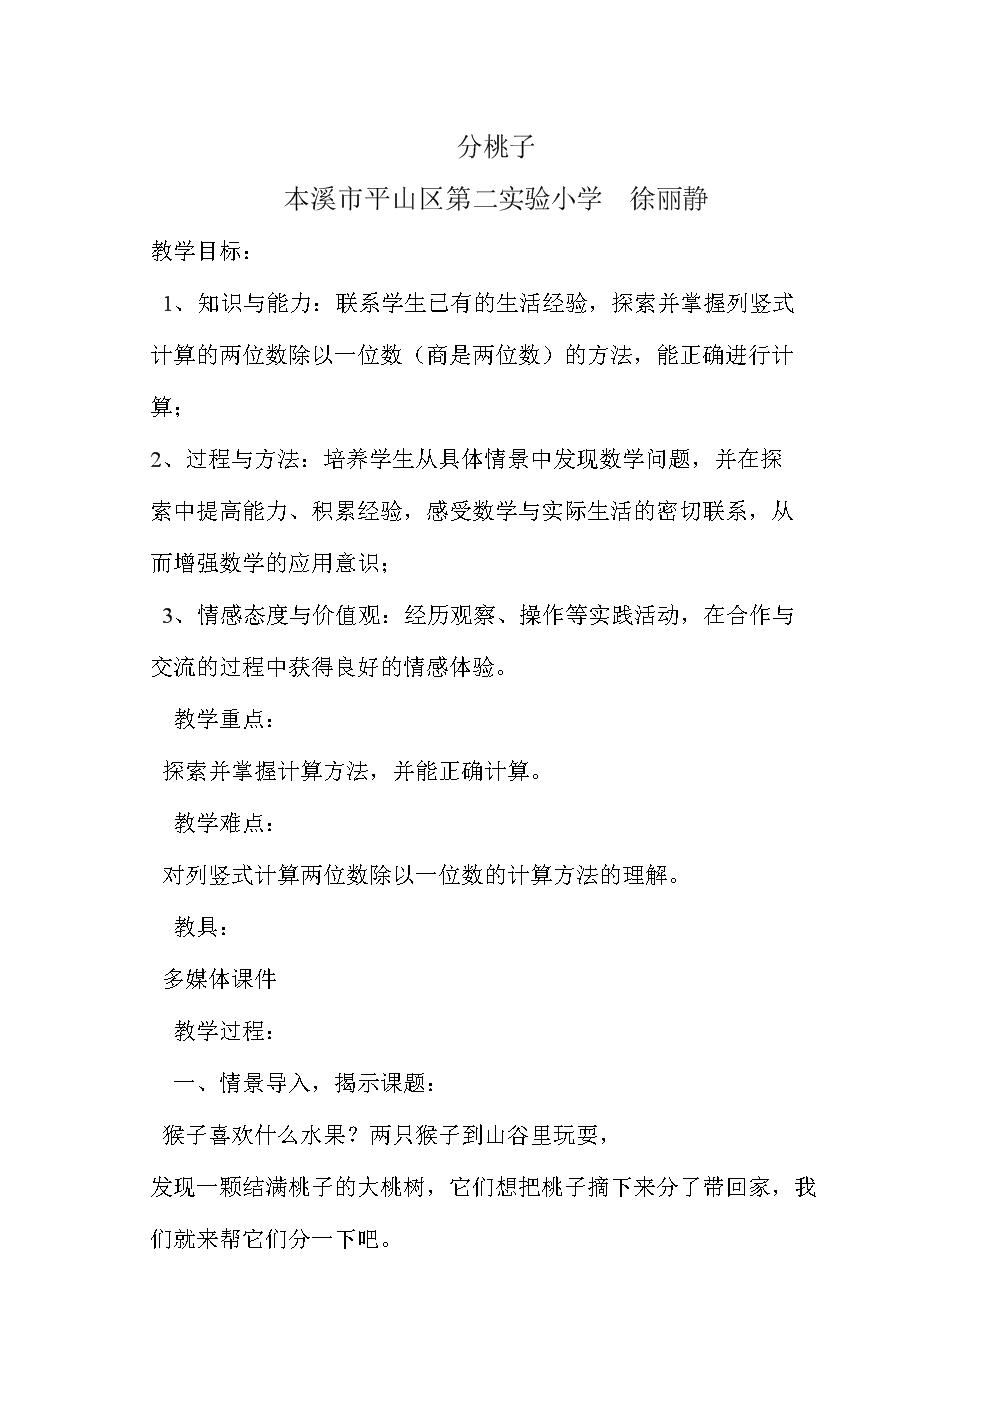 三年级下册数学教案-1.1 分桃子 北师大版(2014秋) (1).doc